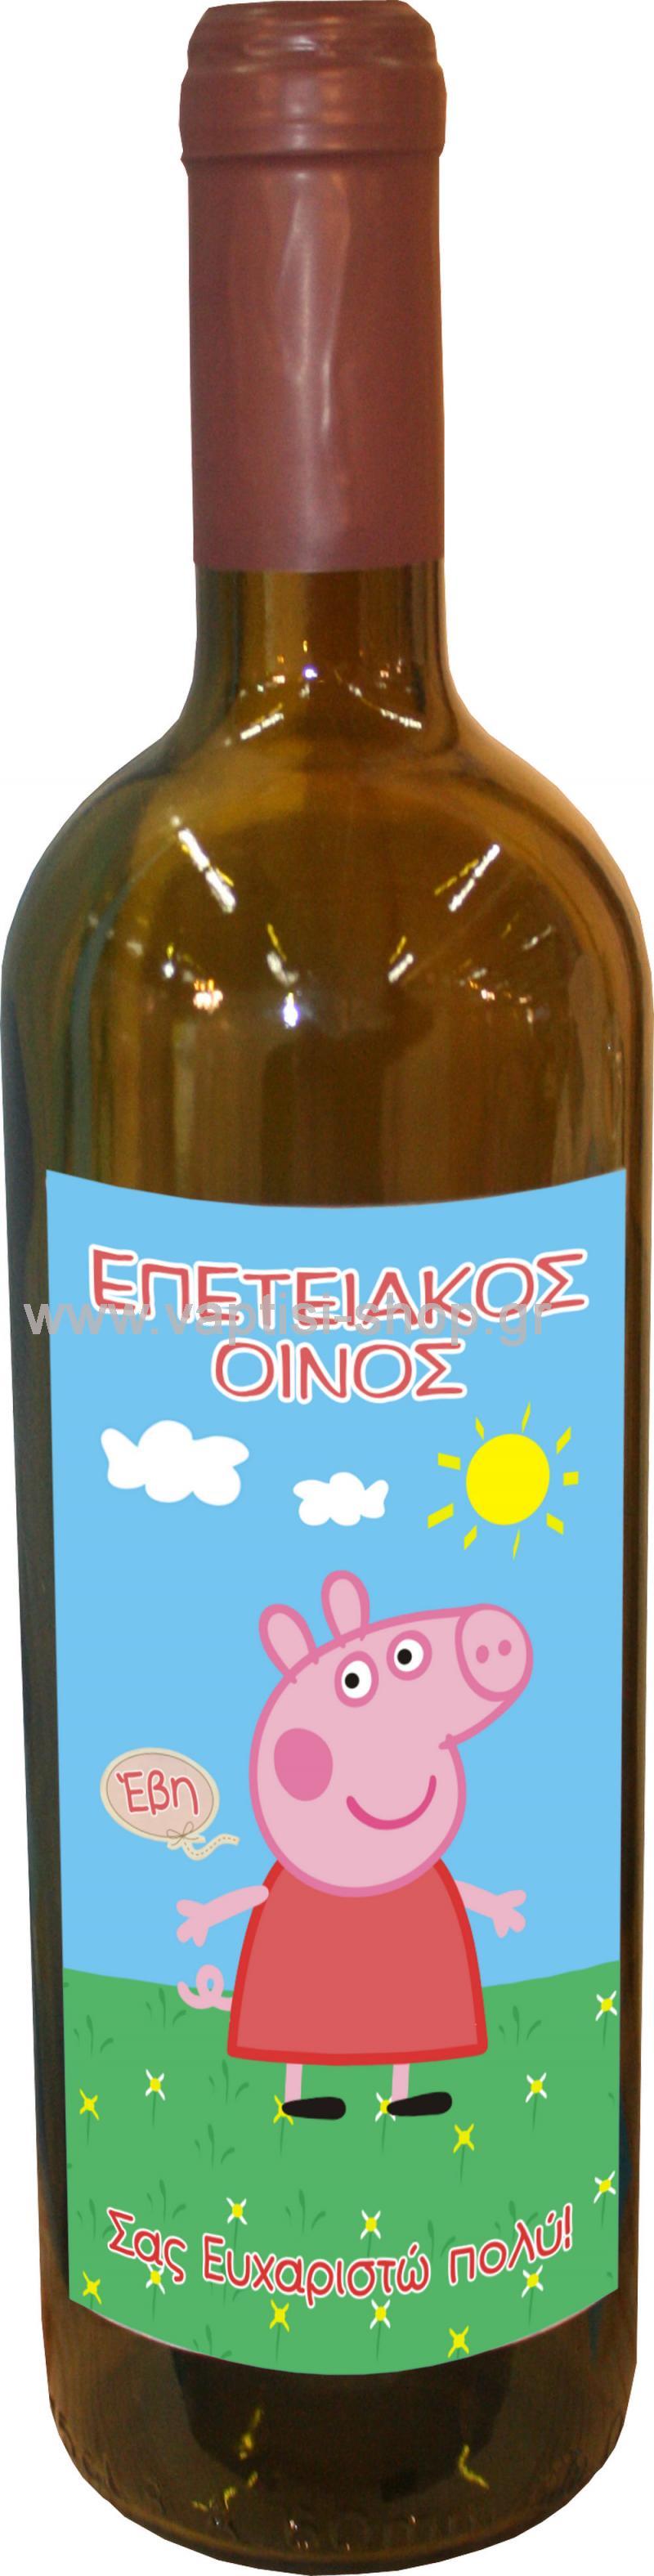 Ετικέτα Κρασιού με εκτύπωση Πέππα το Γουρουνάκι